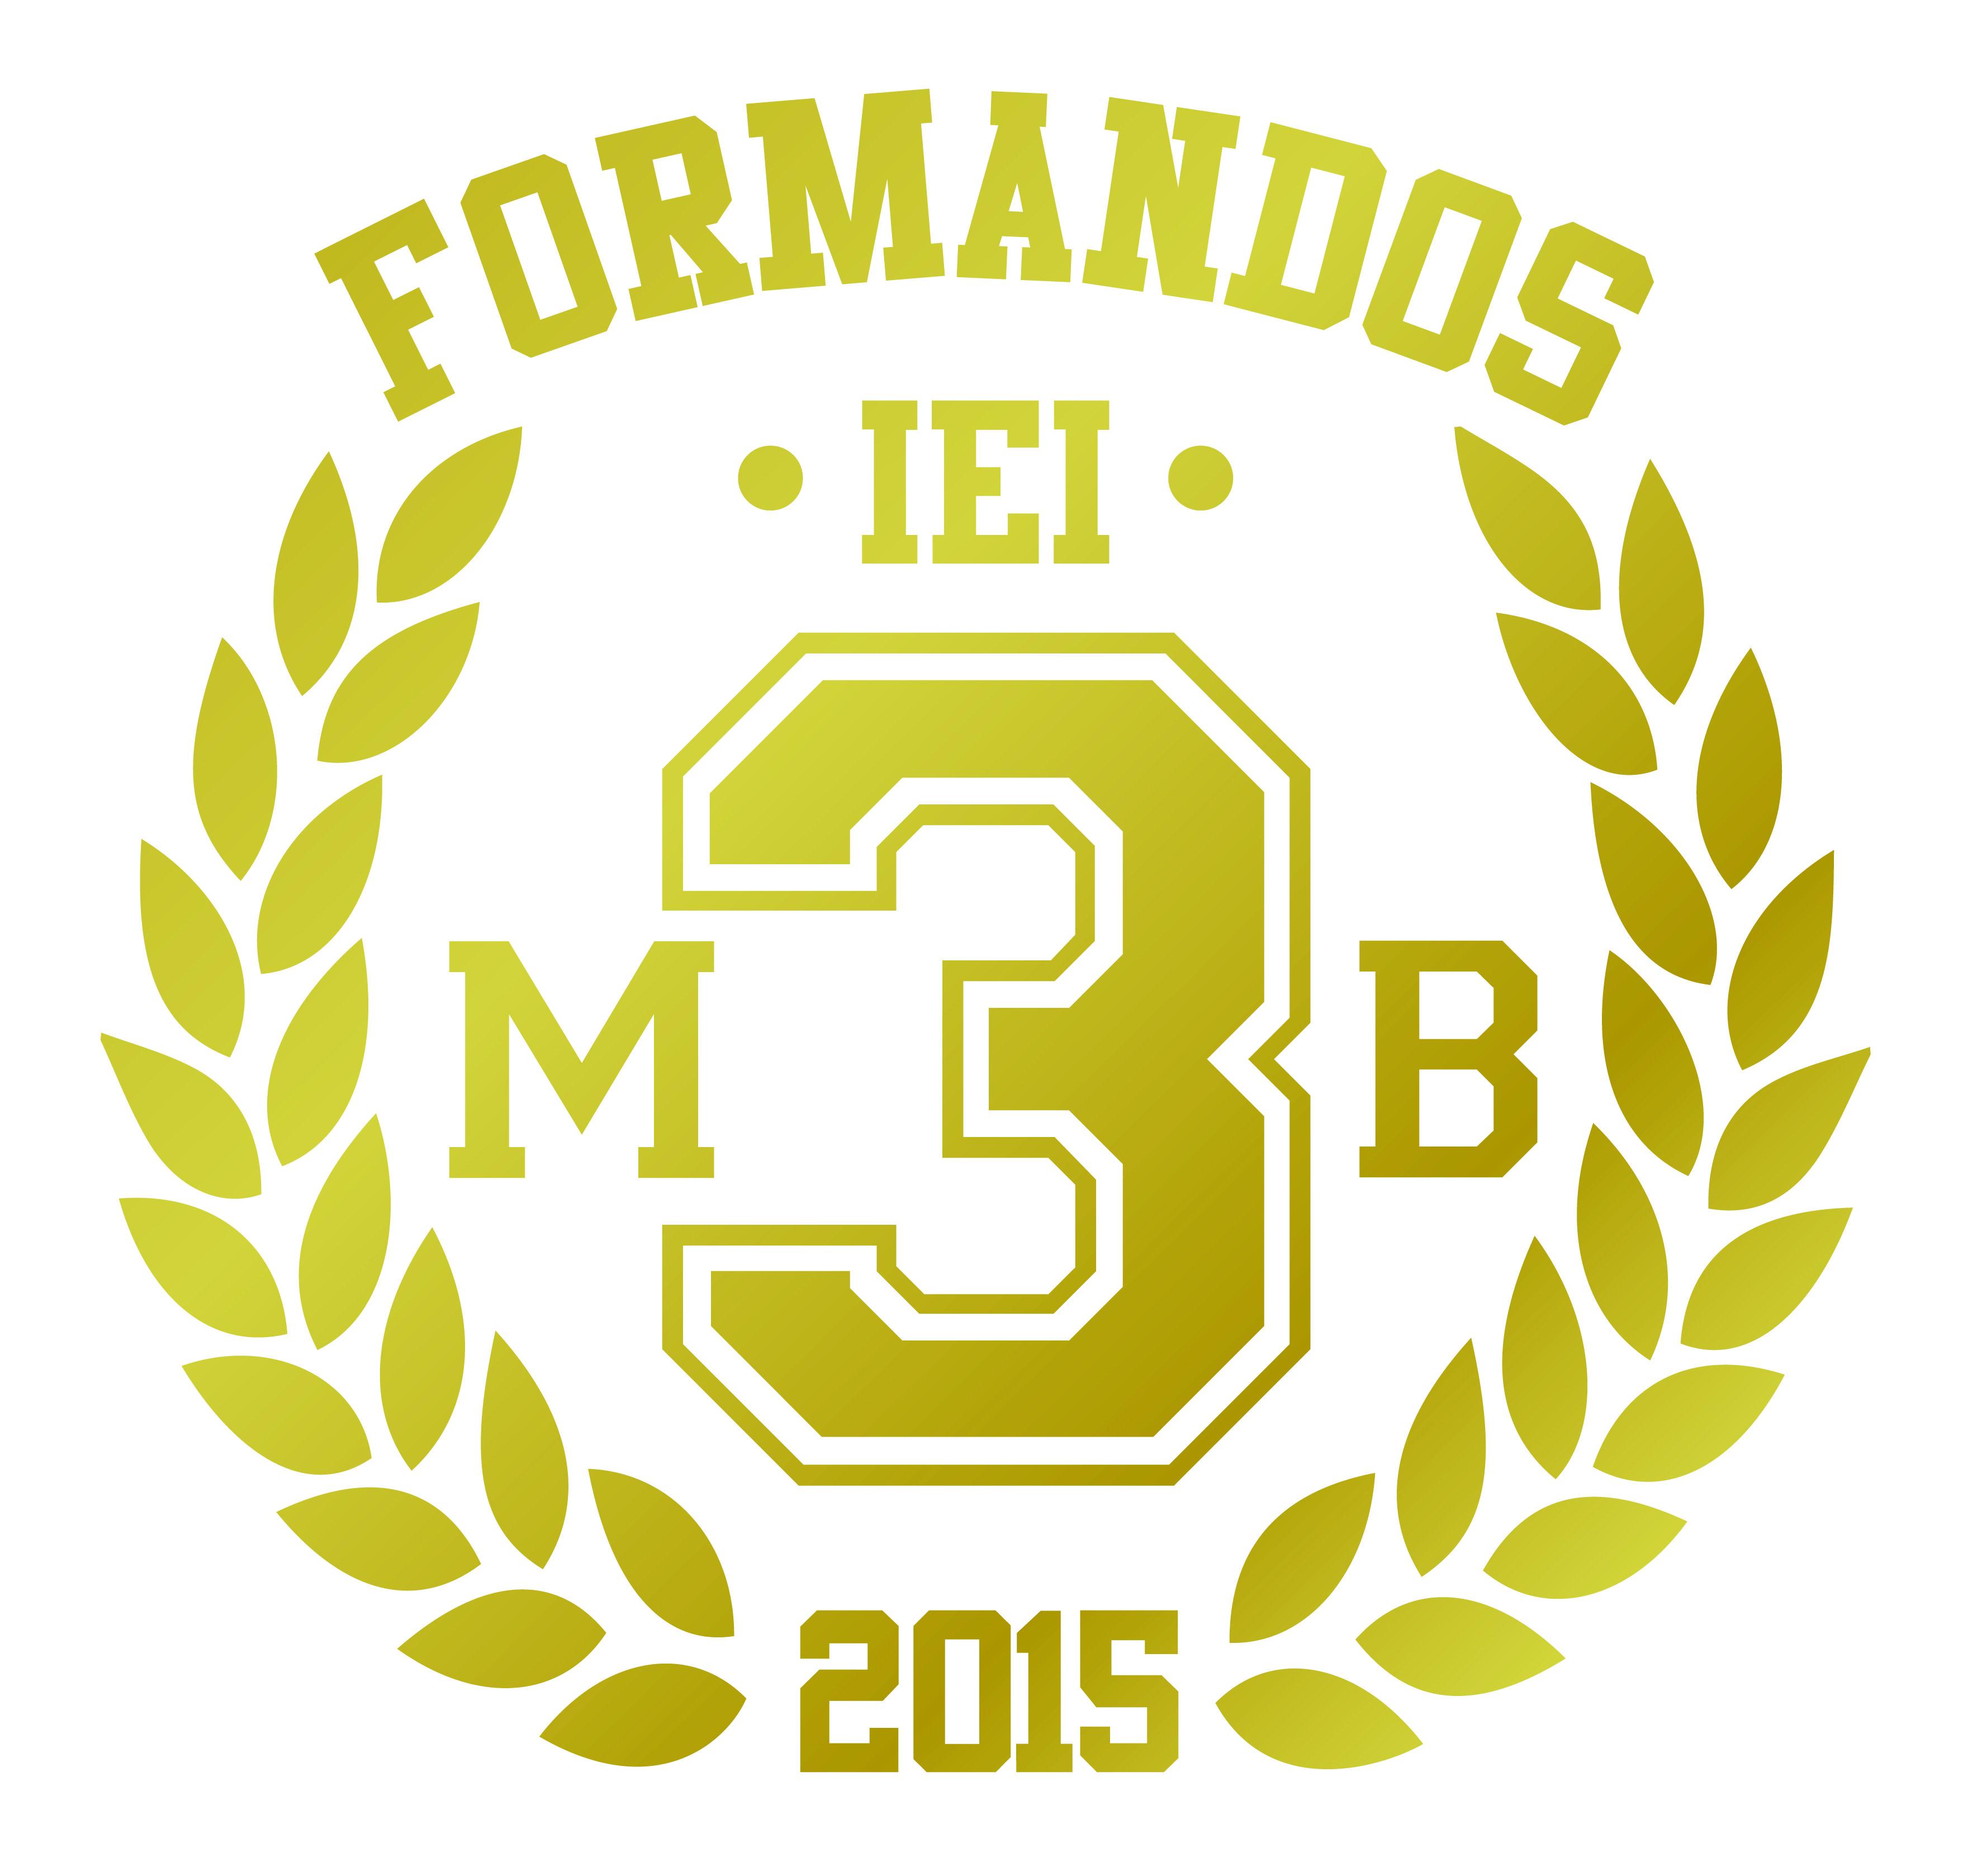 Logotipo da turma de terceiro ano #logo #class #turma #terceirao #escola